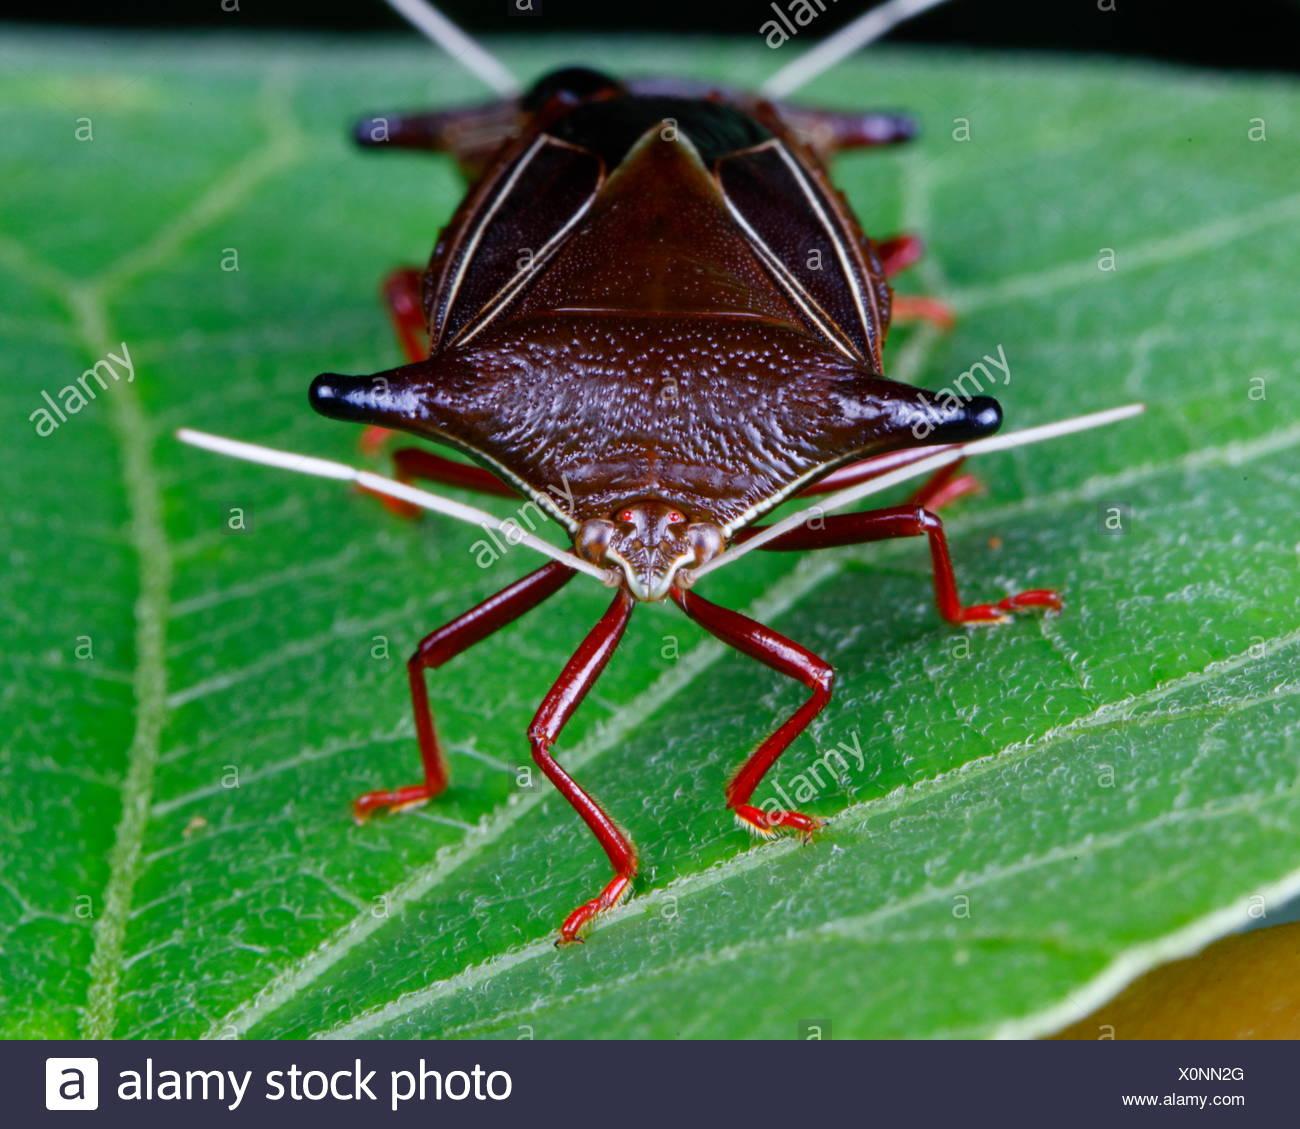 Großartig Bug Färbung Blatt Ideen - Malvorlagen Von Tieren - ngadi.info